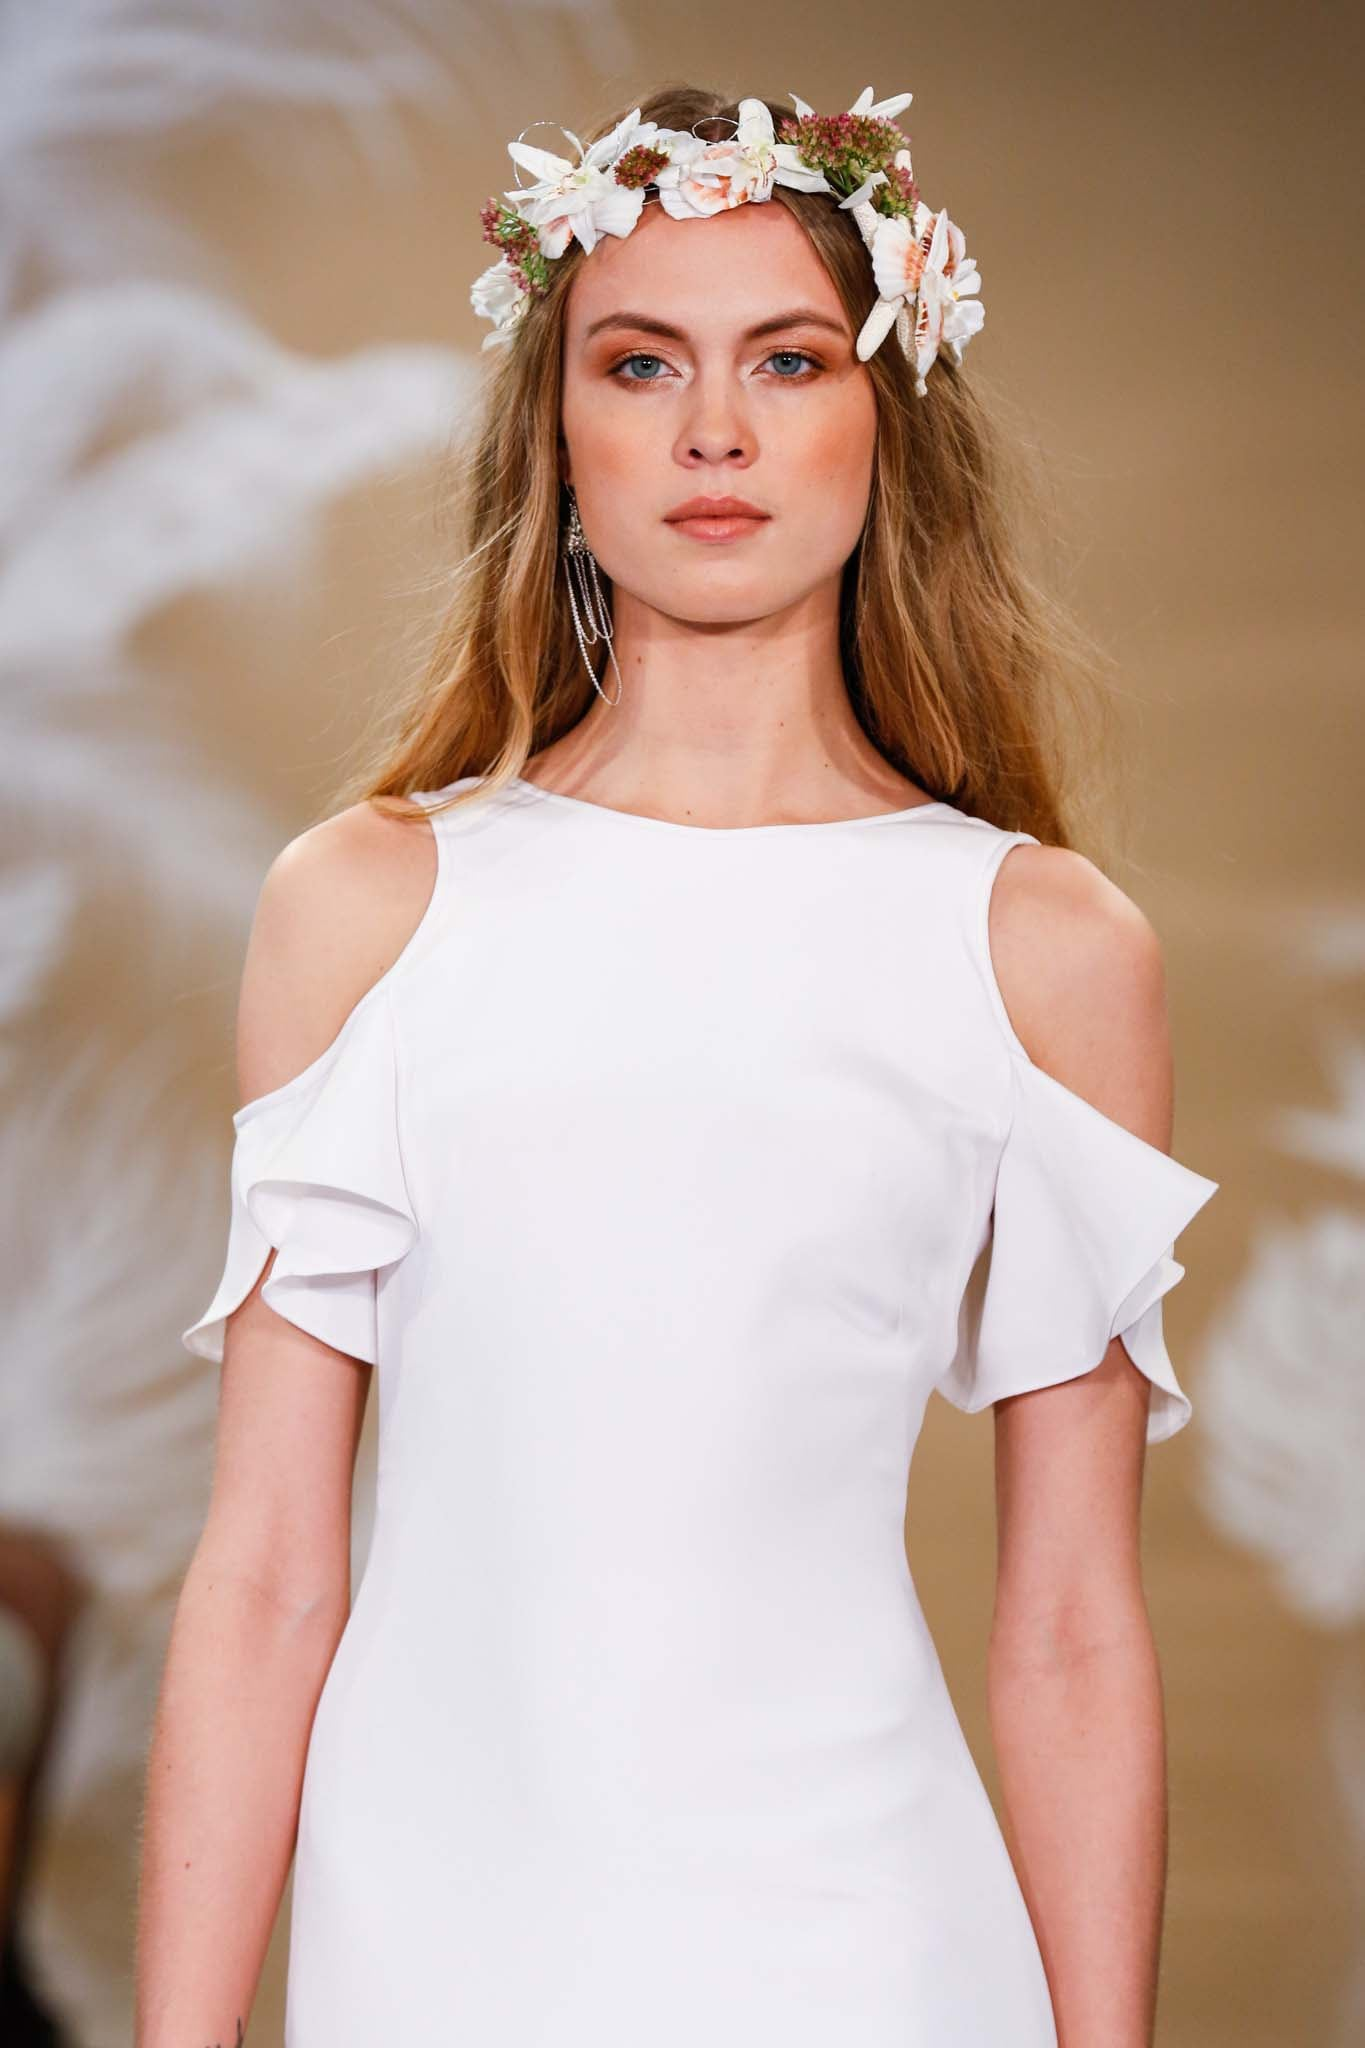 Exquisito peinados boho Galería de tendencias de coloración del cabello - Estilo boho: peinados de novia con pelo suelto para suspirar